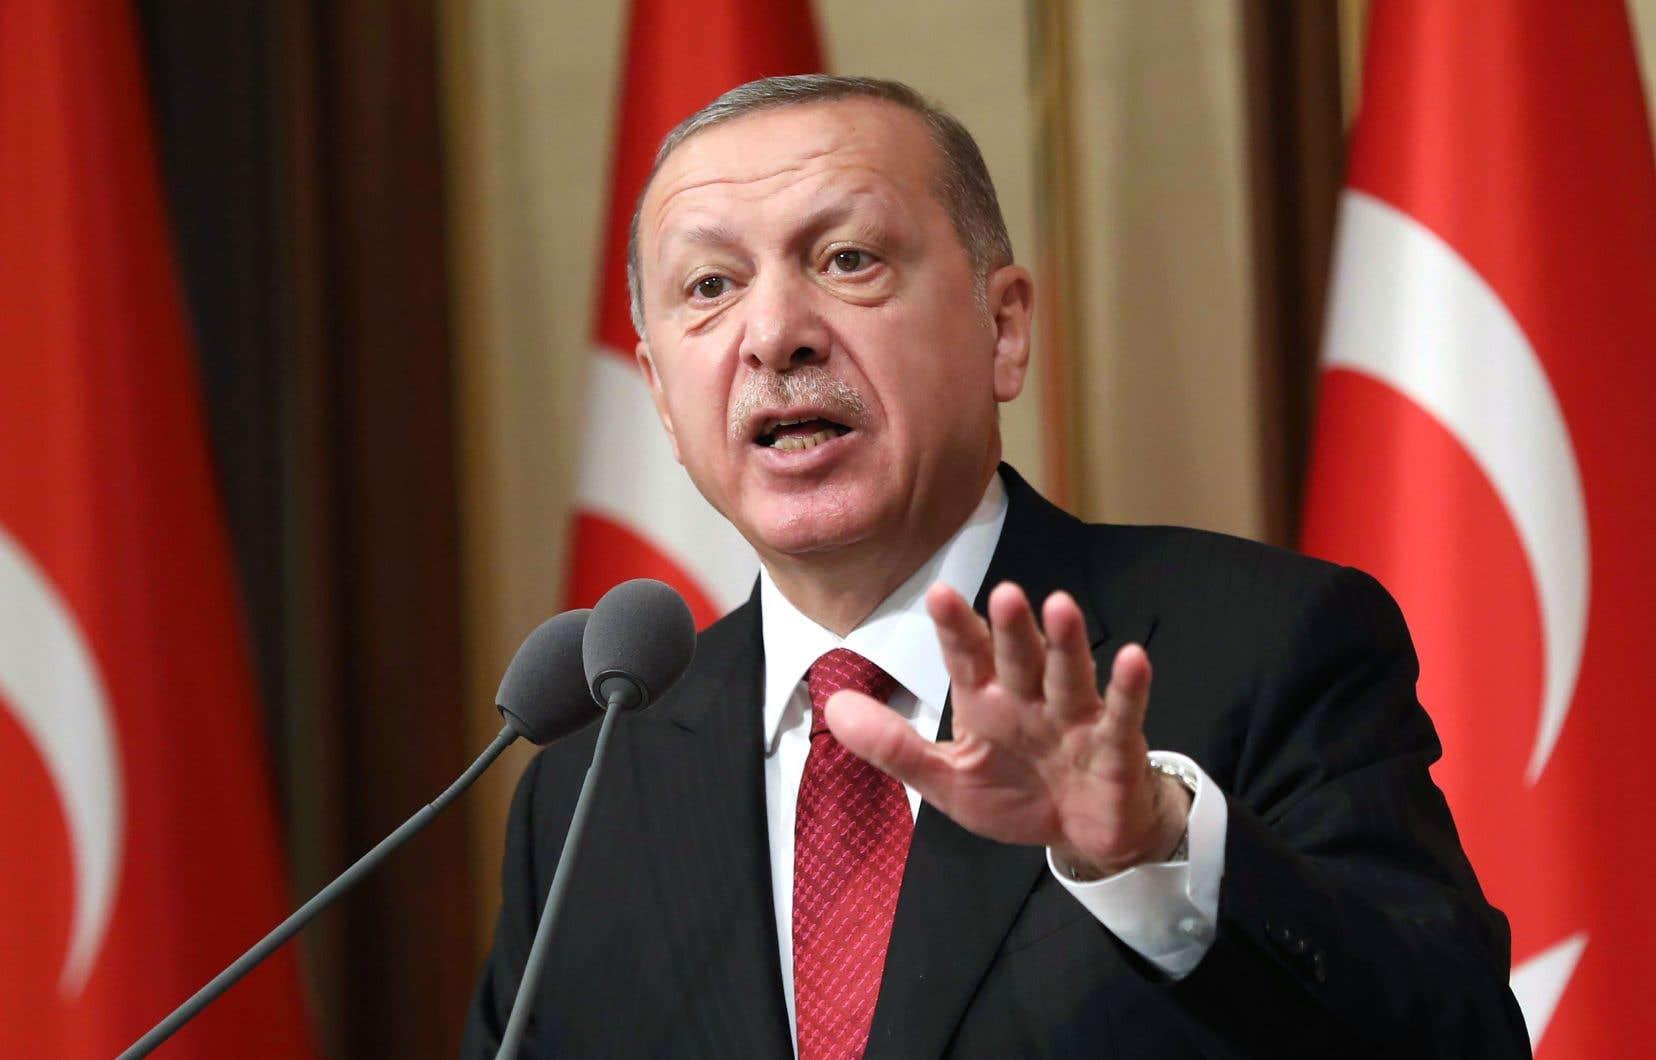 Le président turc, Recep Tayyip Erdogan, ne supporte pas qu'on remette en cause son modèle de développement économique.